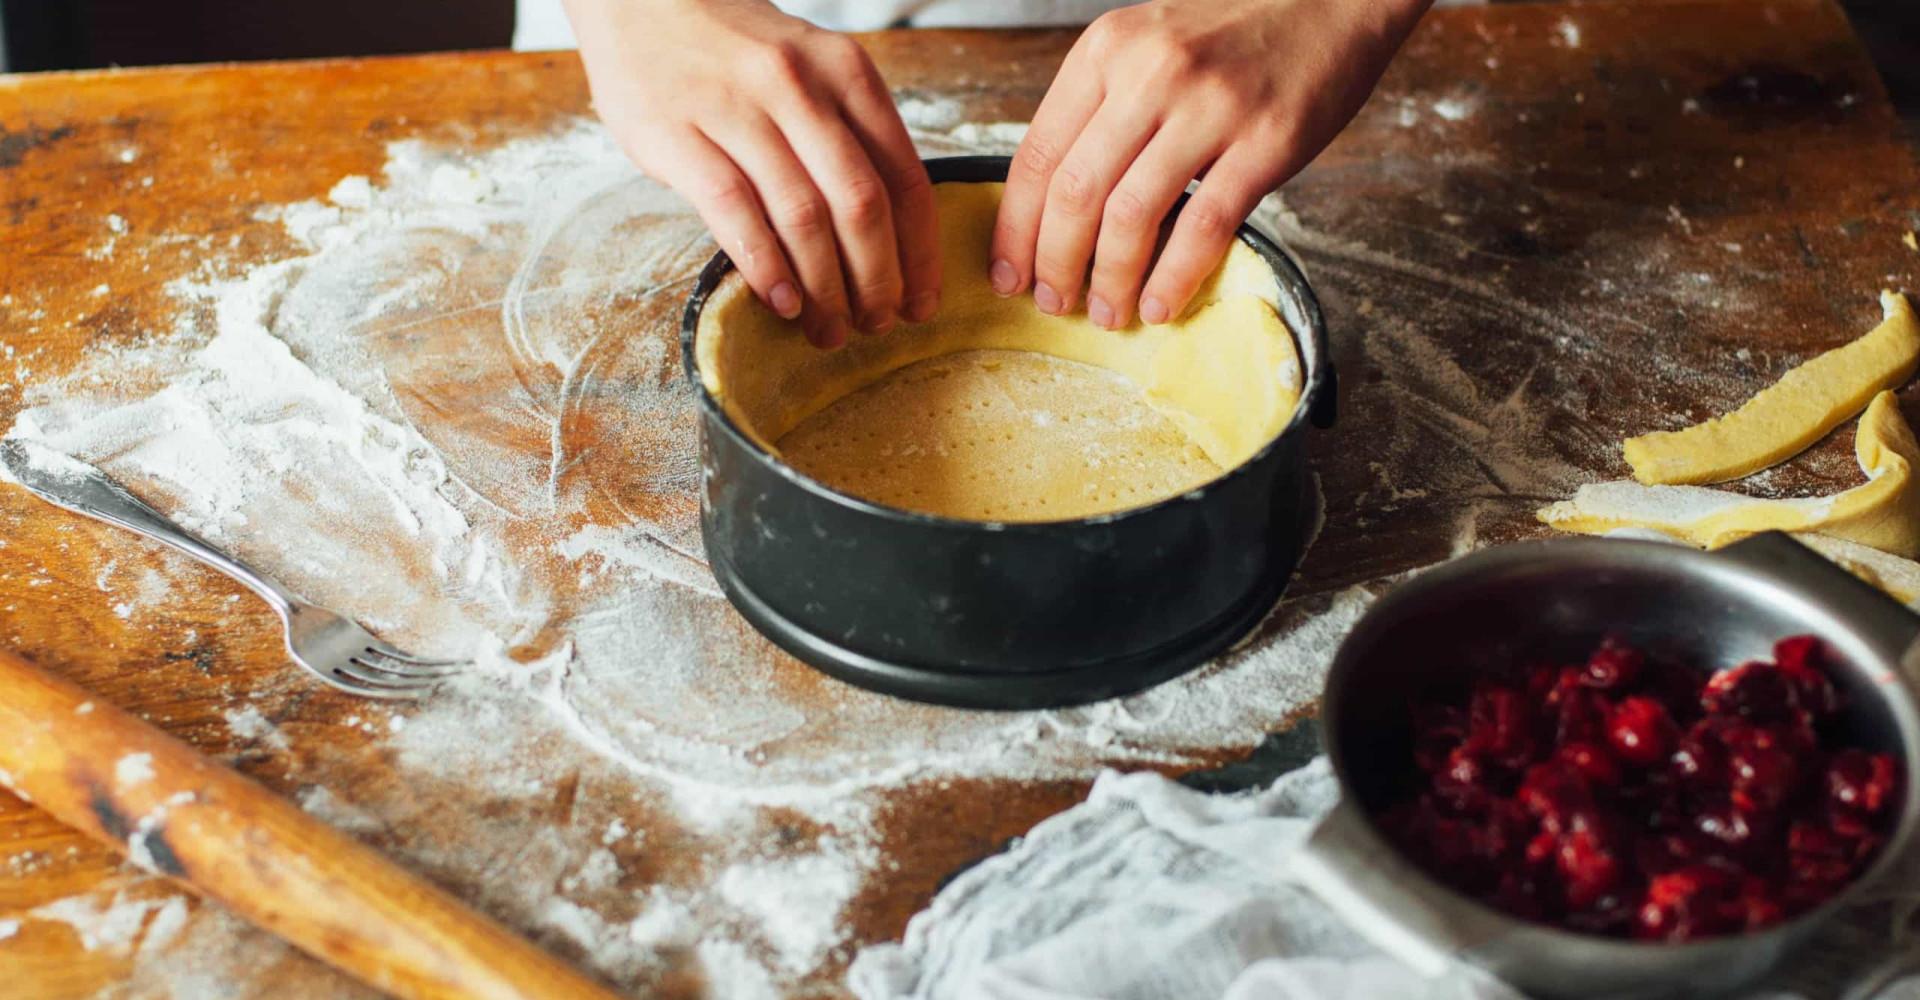 Waarom bakken gelukkig maakt